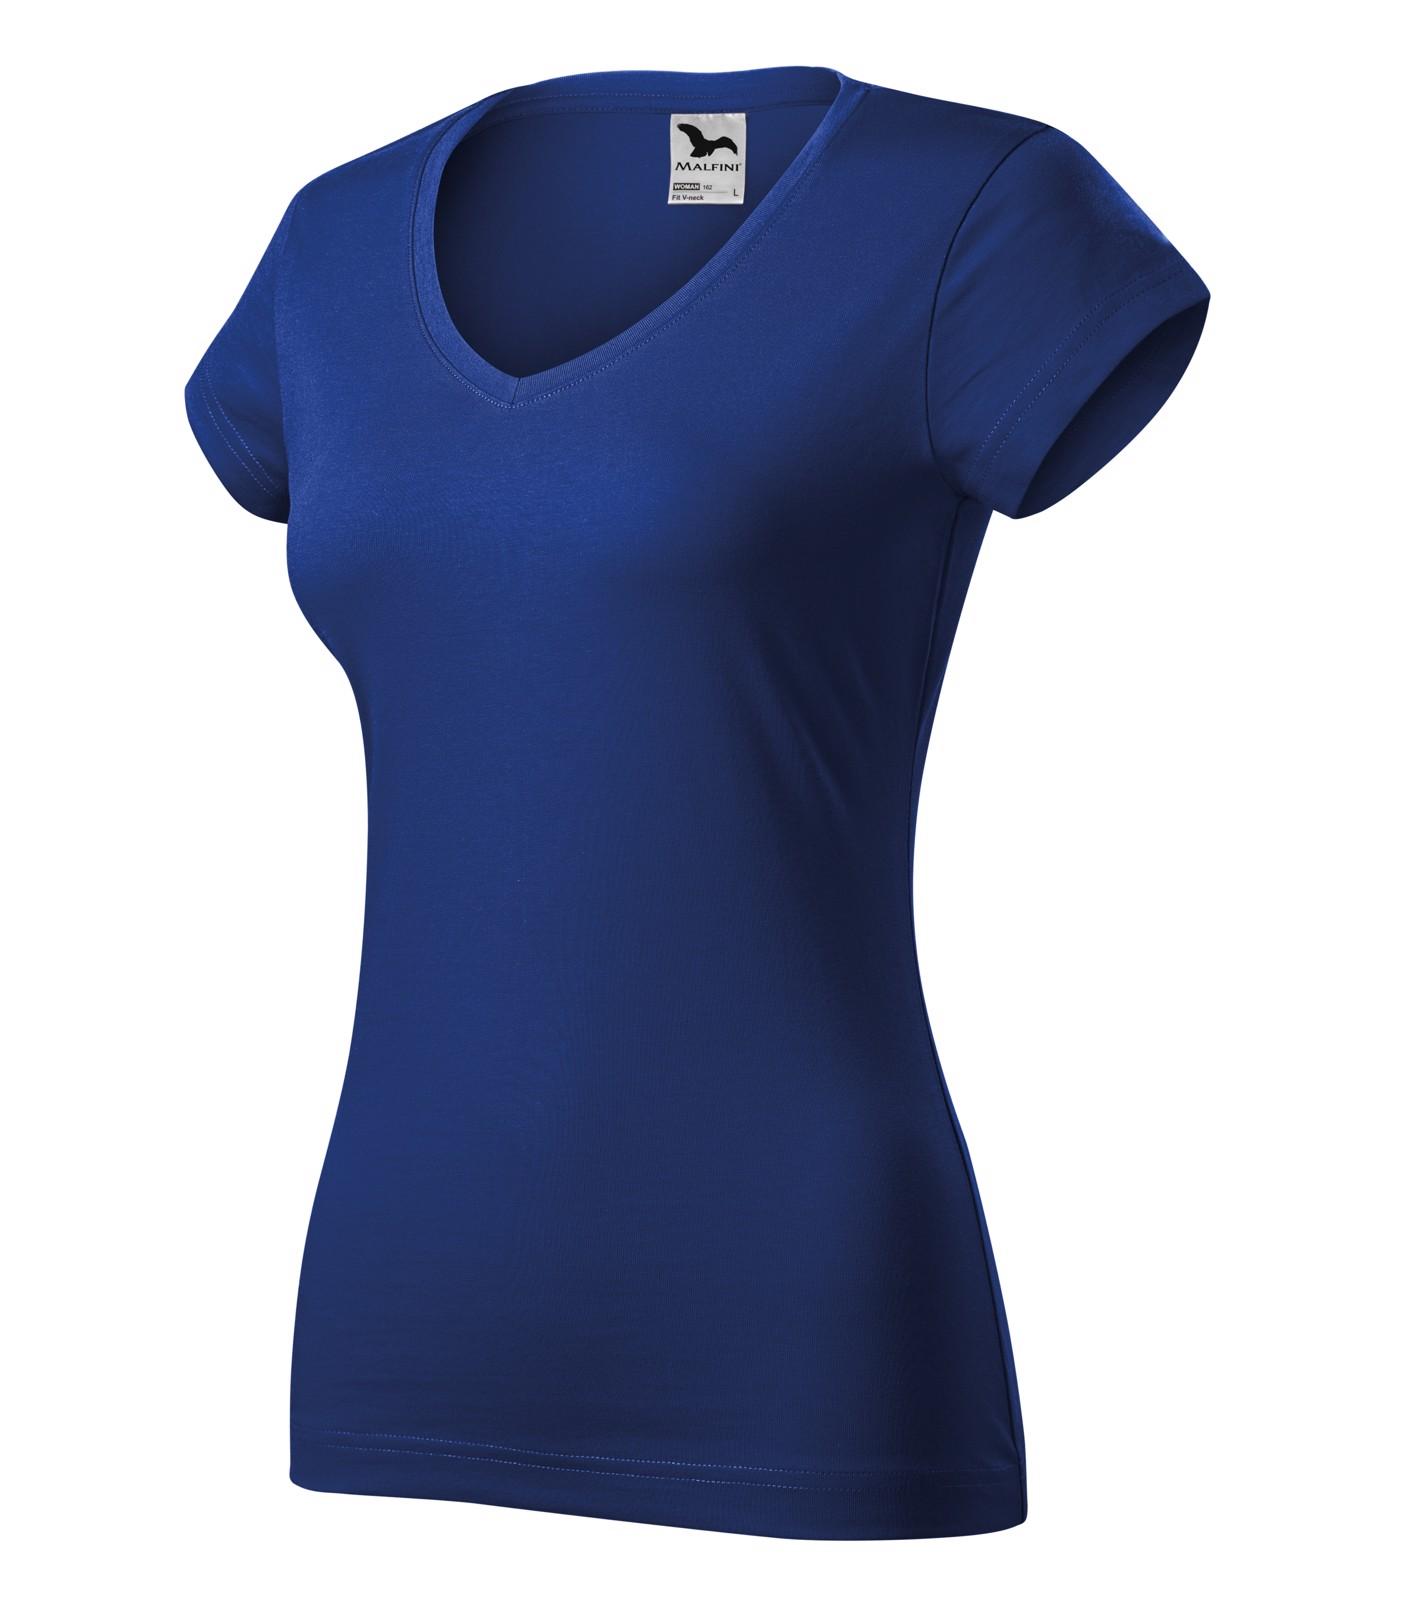 Tričko dámské Malfini Fit V-neck - Královská Modrá / L